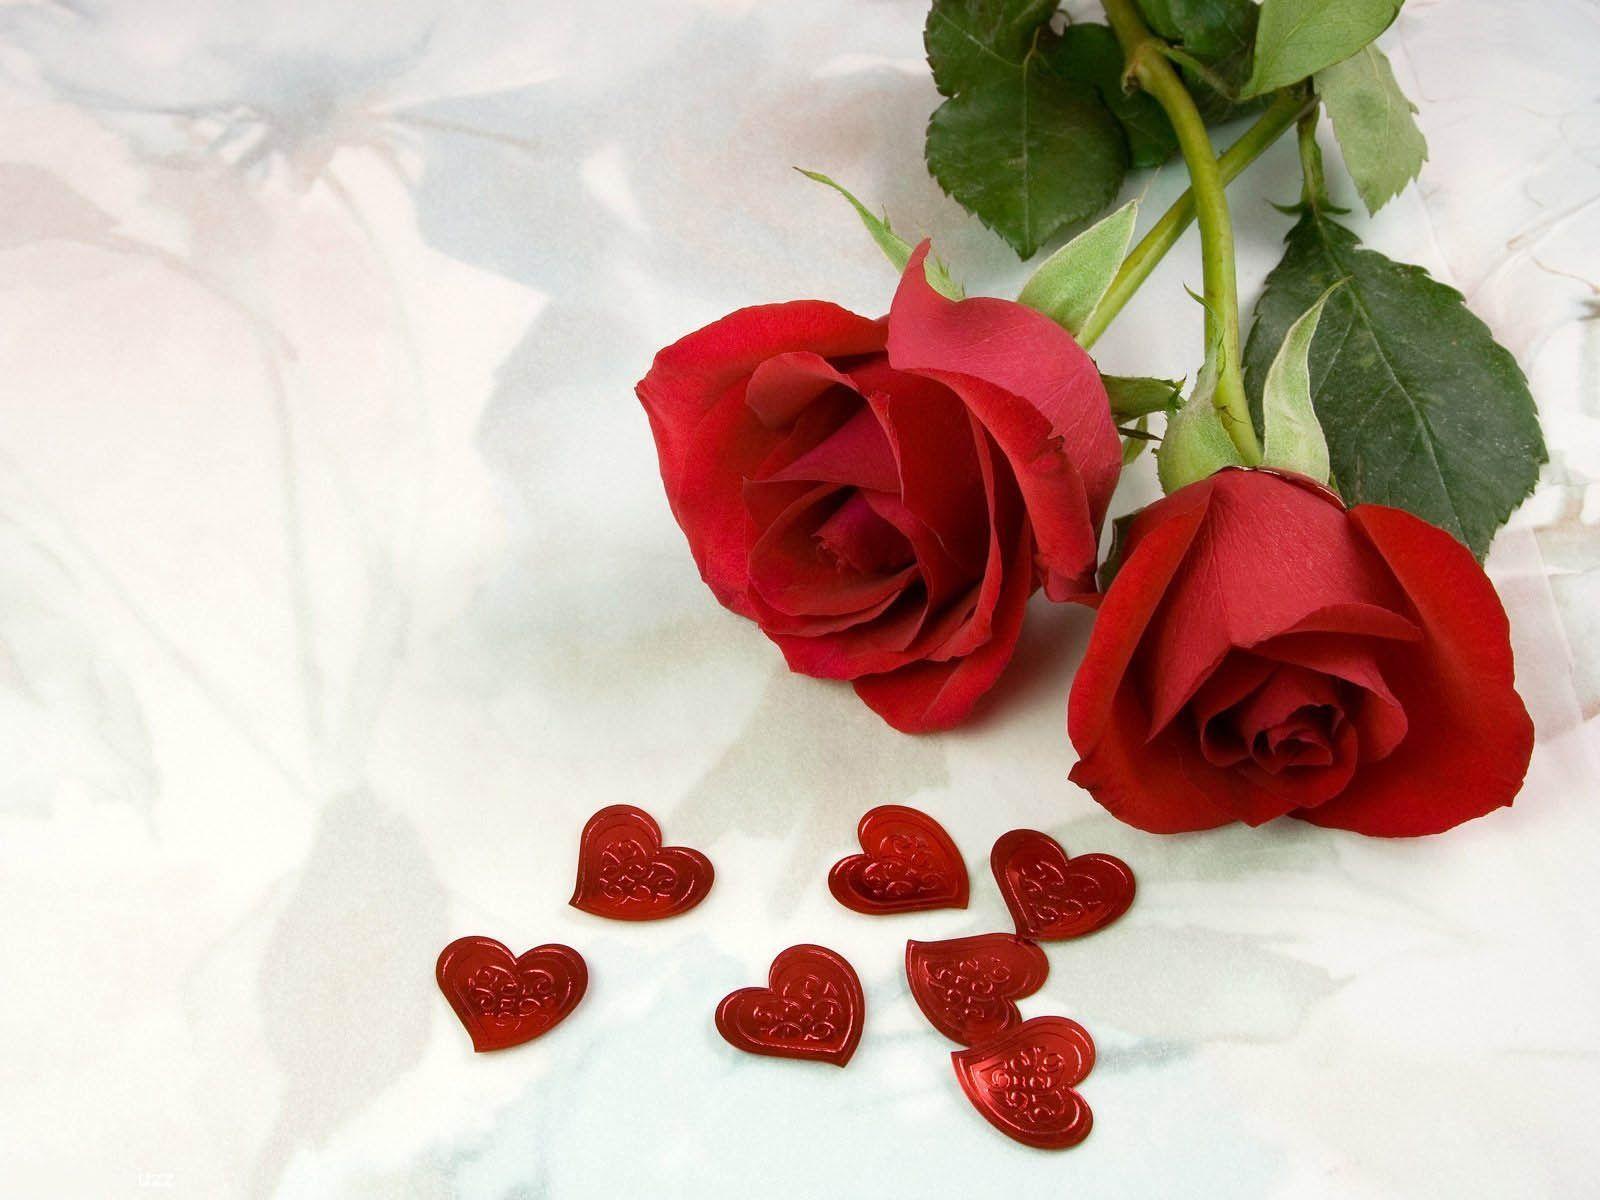 Flower Wallpaper In 2020 Love Rose Flower Rose Flower Photos Happy Rose Day Wallpaper